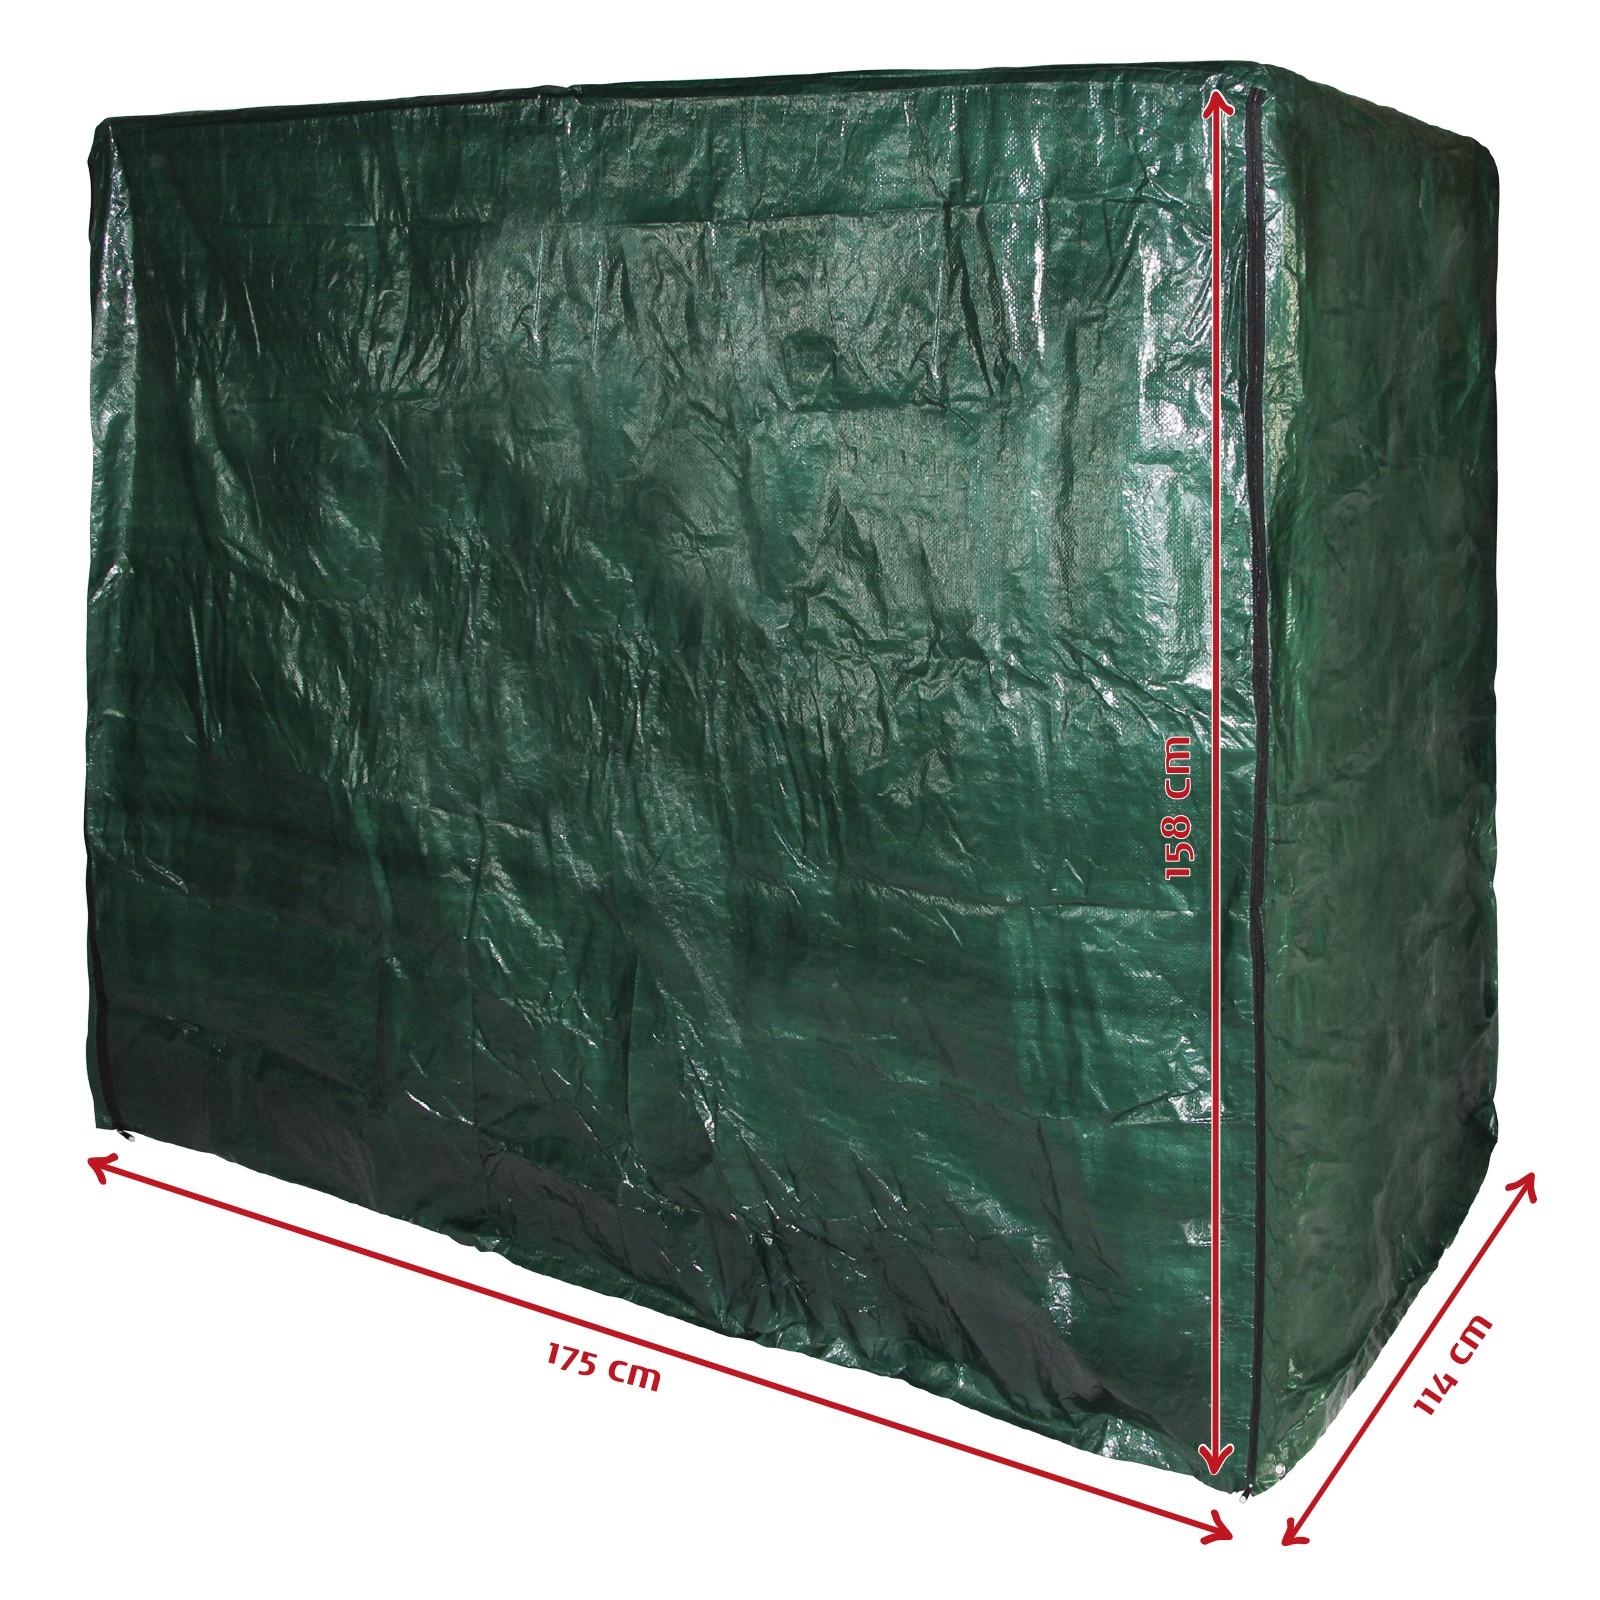 abdeckung h lle f r 3 sitzer hollywoodschaukel schutzh lle abdeckhaube plane ebay. Black Bedroom Furniture Sets. Home Design Ideas